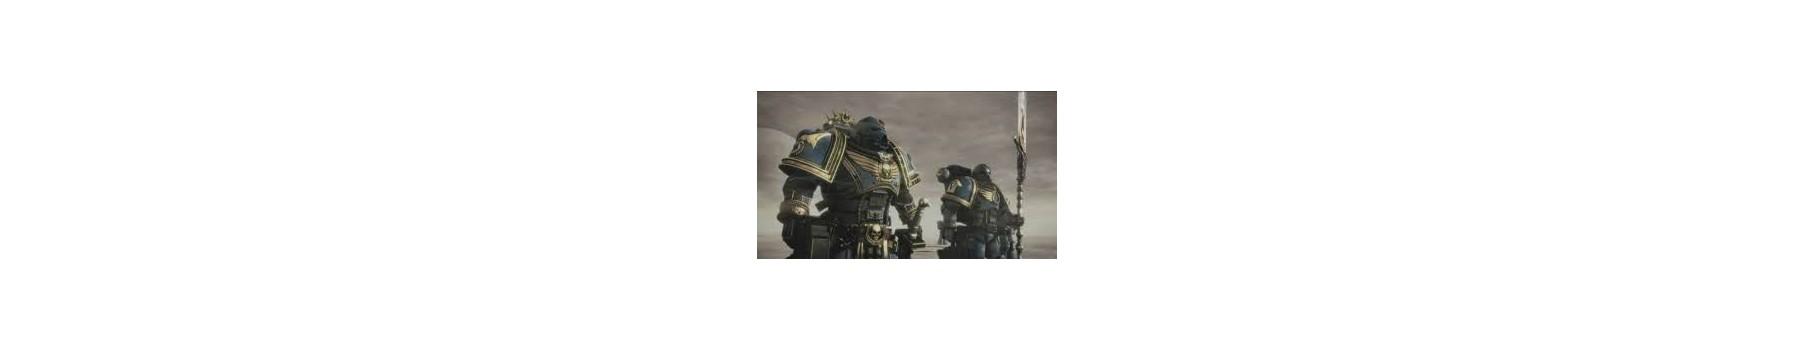 L'Armée des Ultramarines de votre Ludicaire Au Chapeau Enchanté